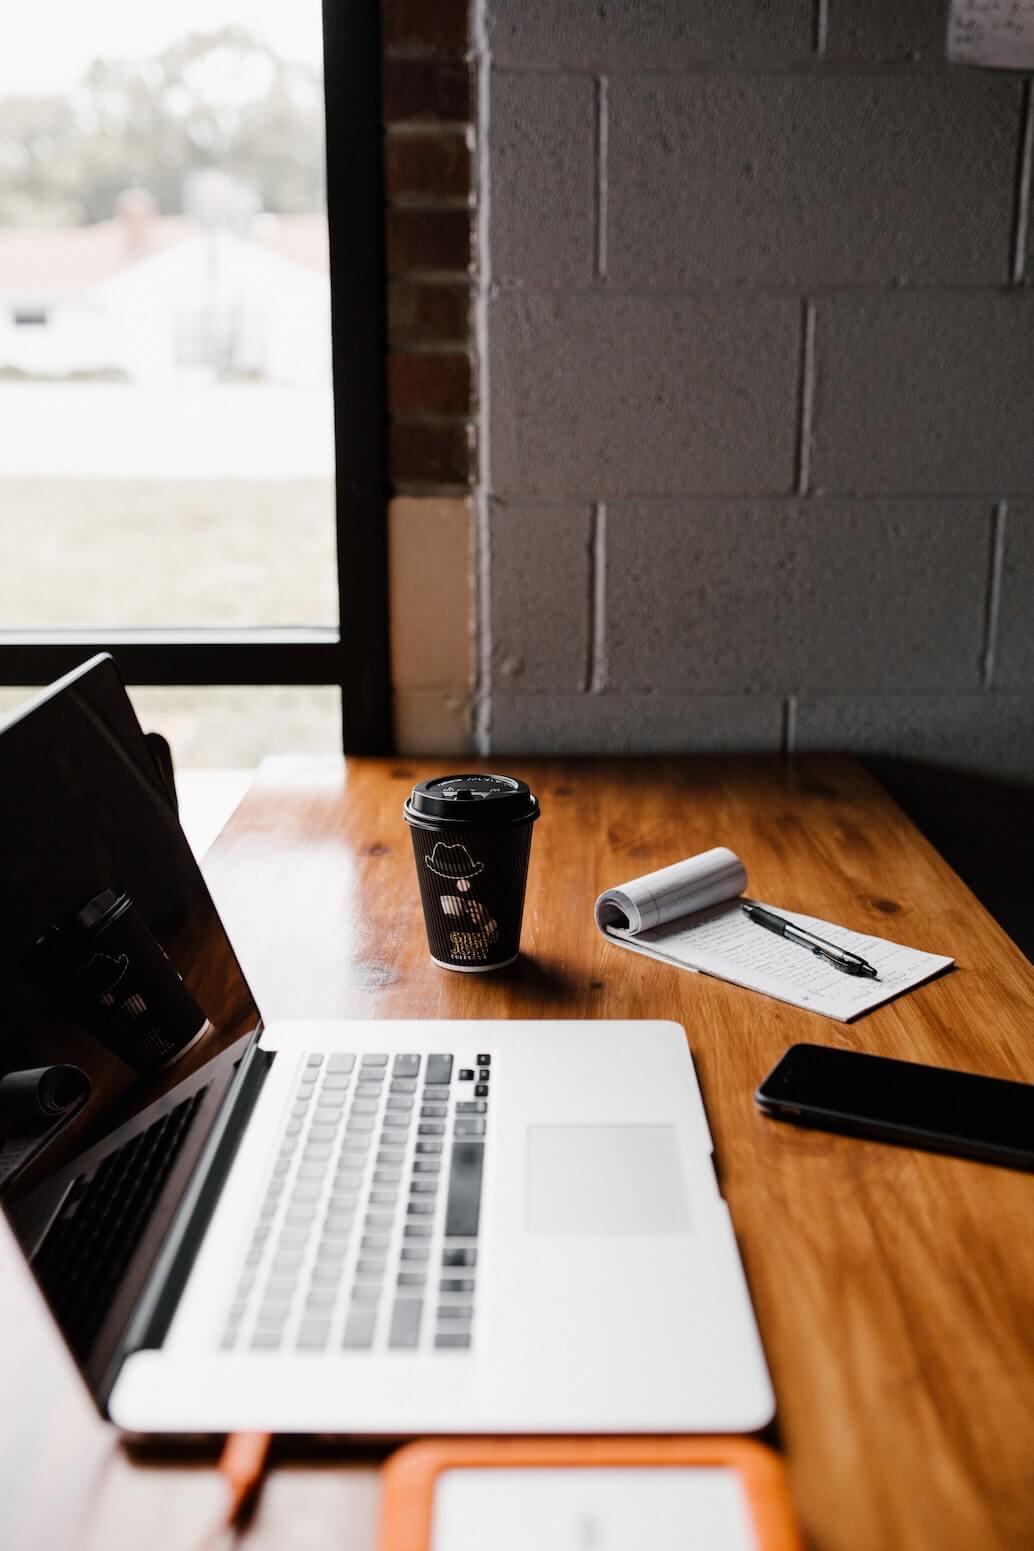 Welke 5 fouten maken startende ondernemers?